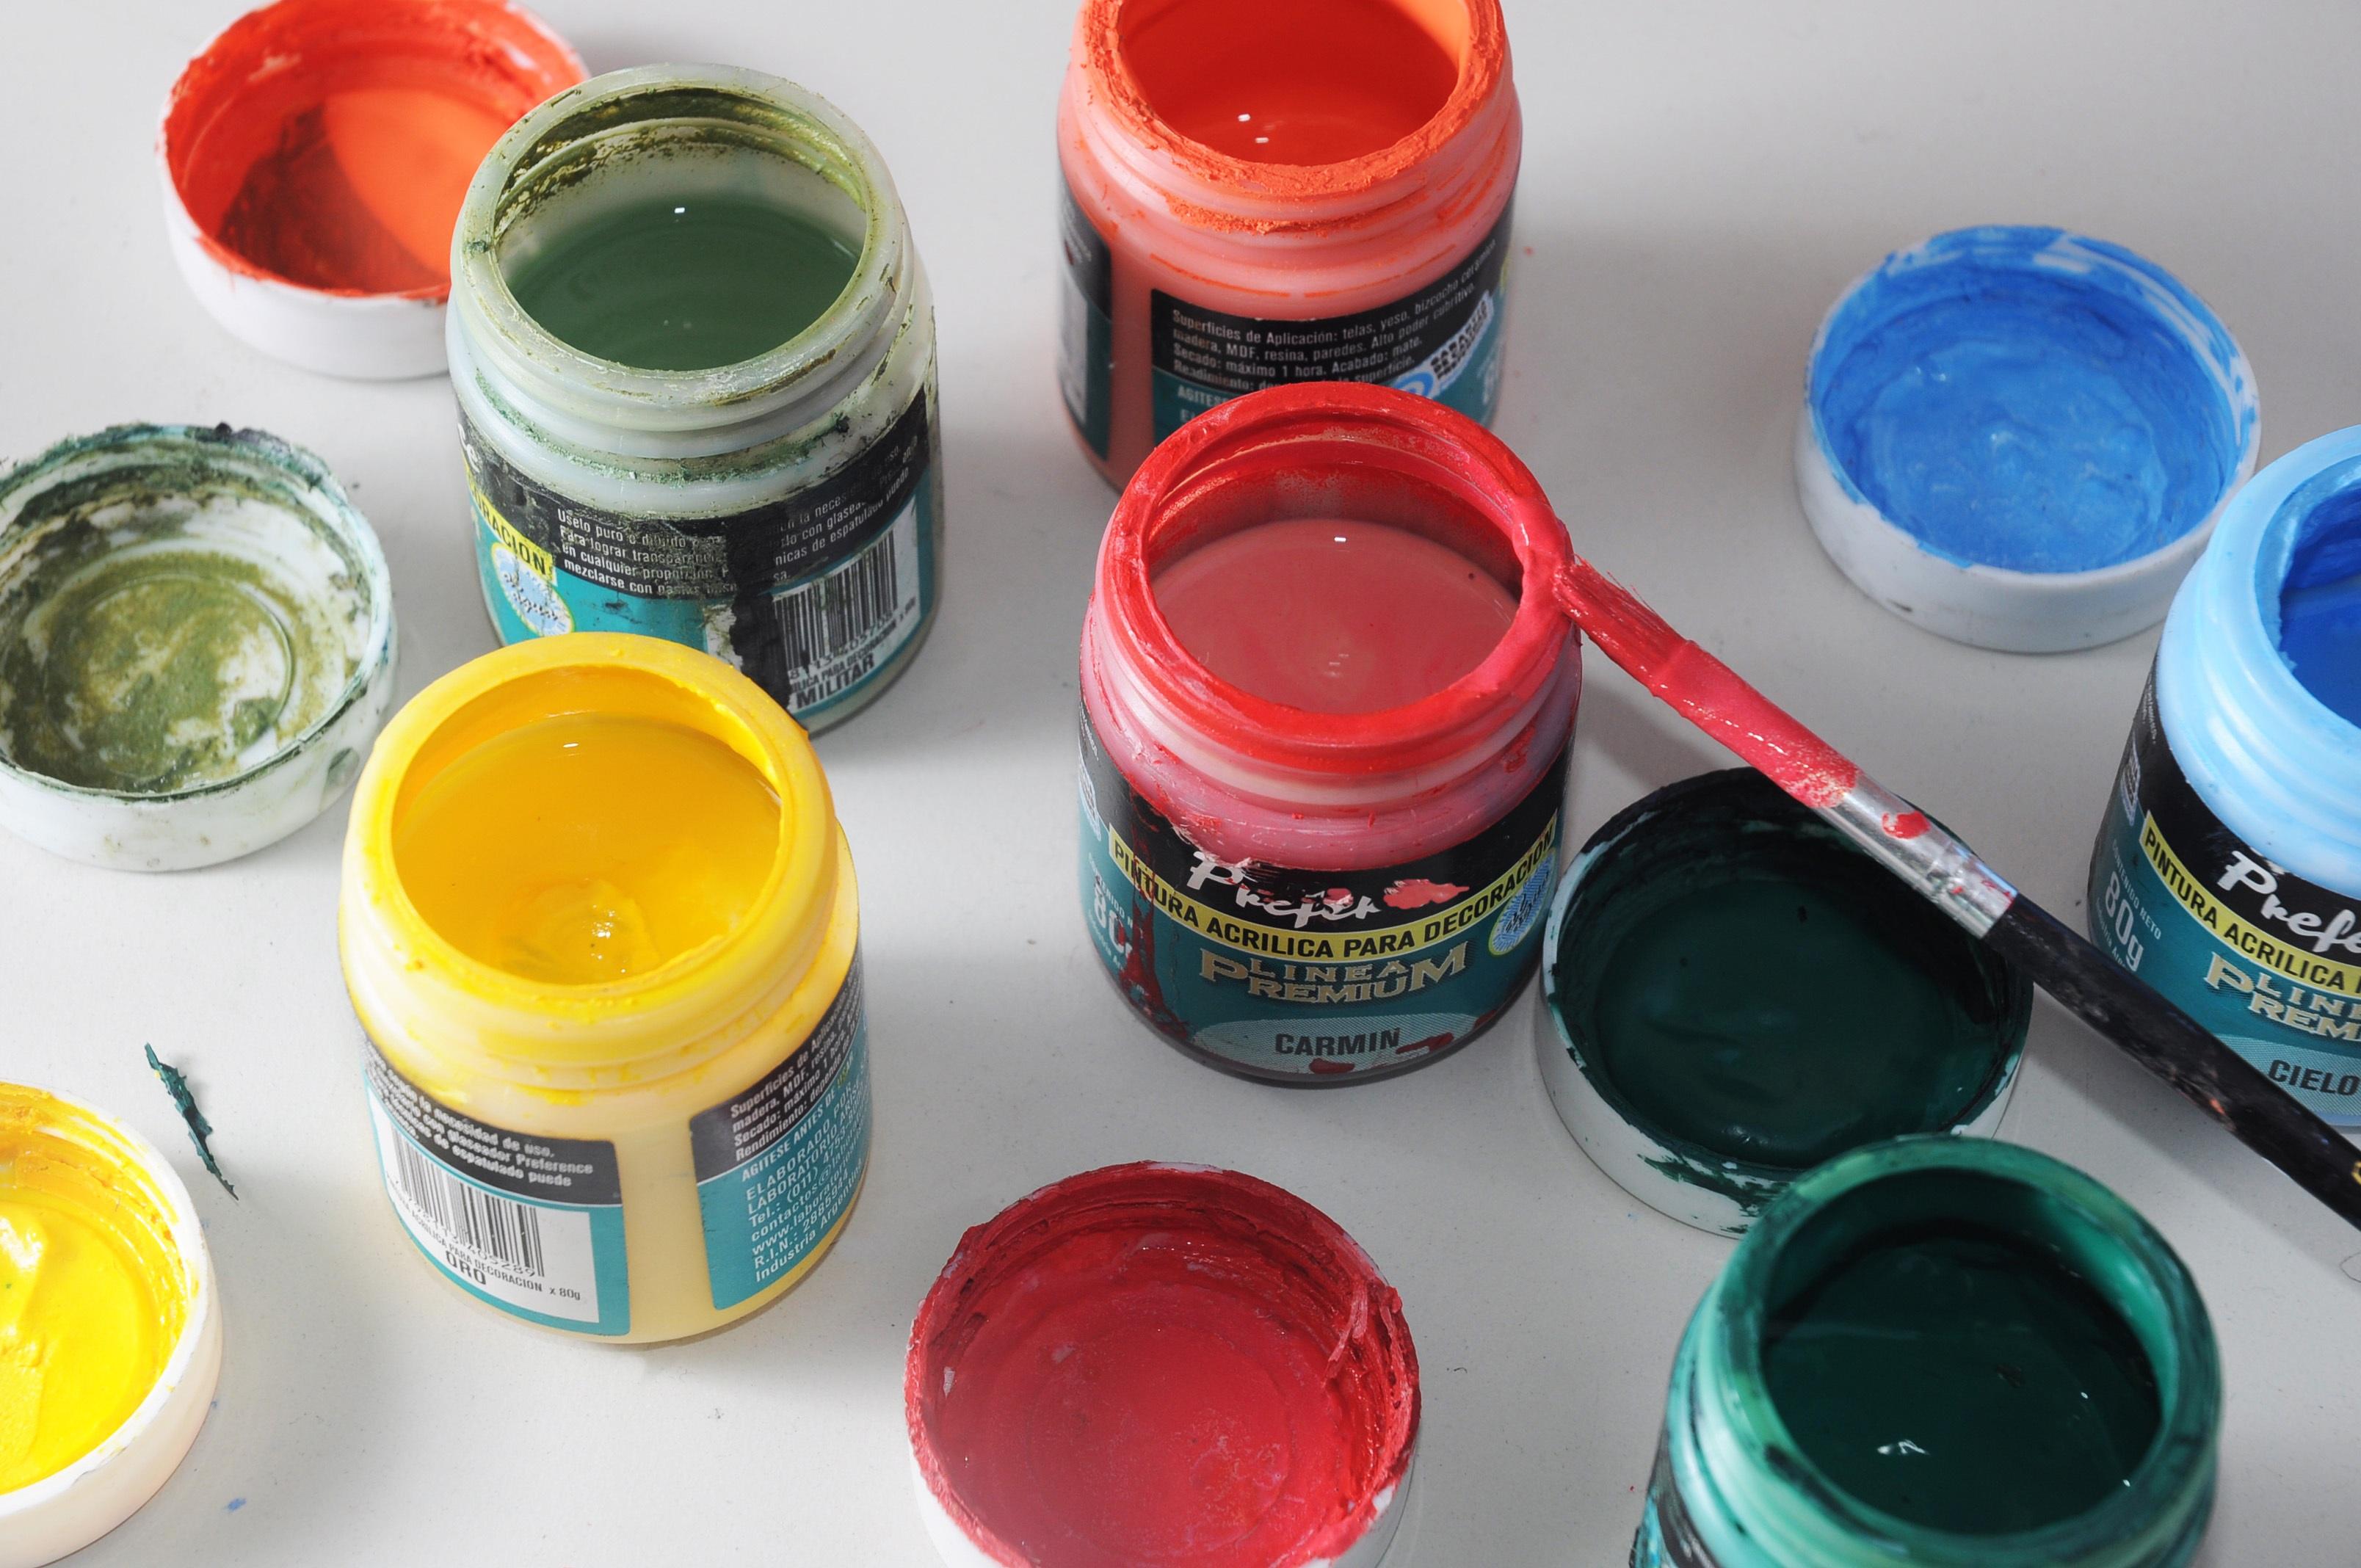 Fotos Gratis Color Pintar Vistoso Labio Material Producto